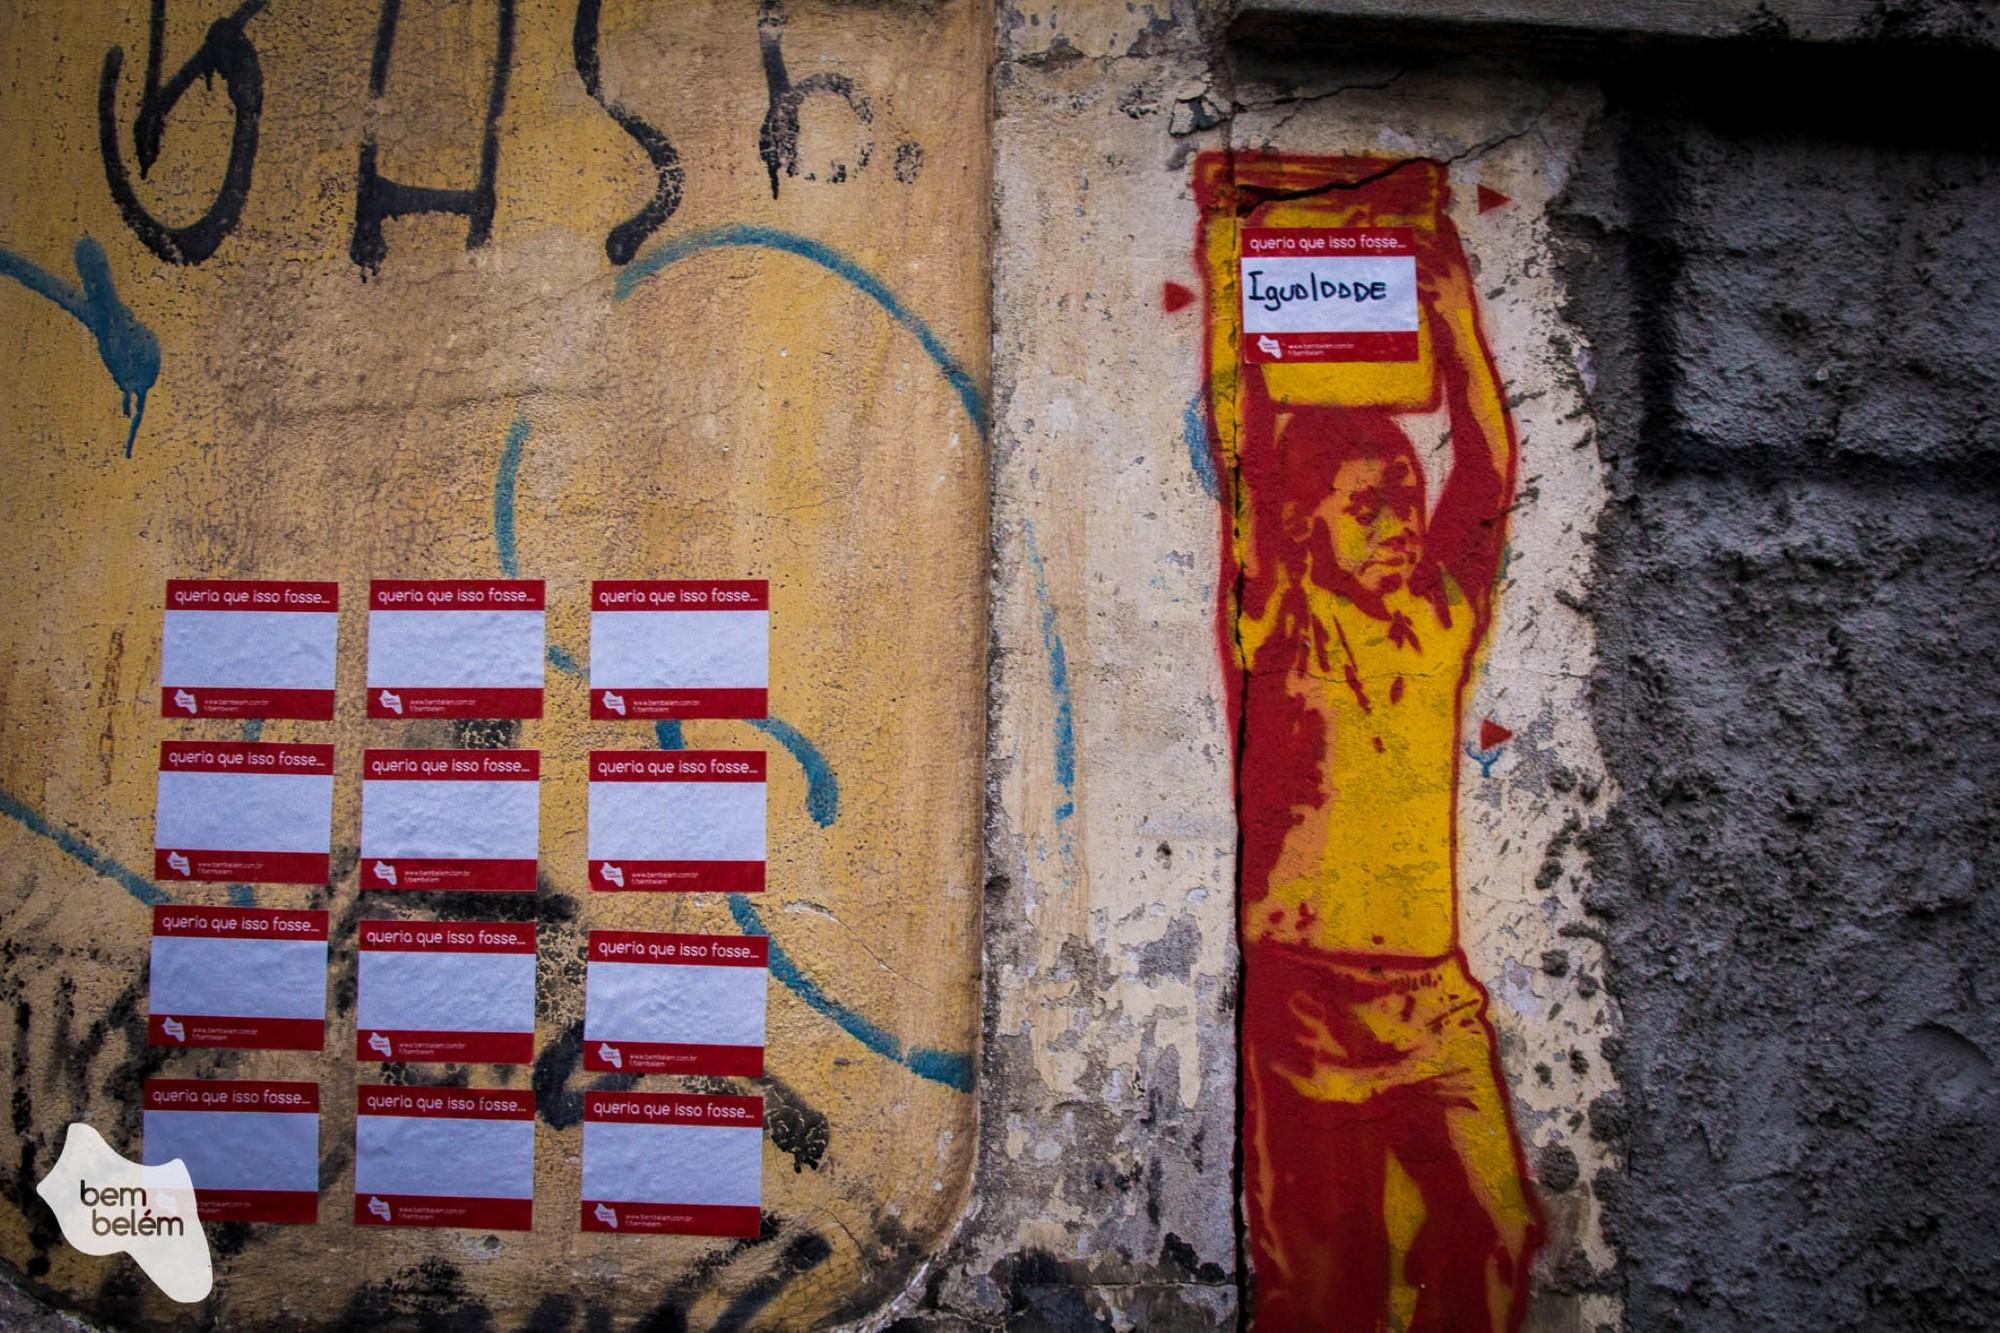 Projeto Bem Belém: uma intervenção urbana baseada na participação comunitária, © Bem Belém